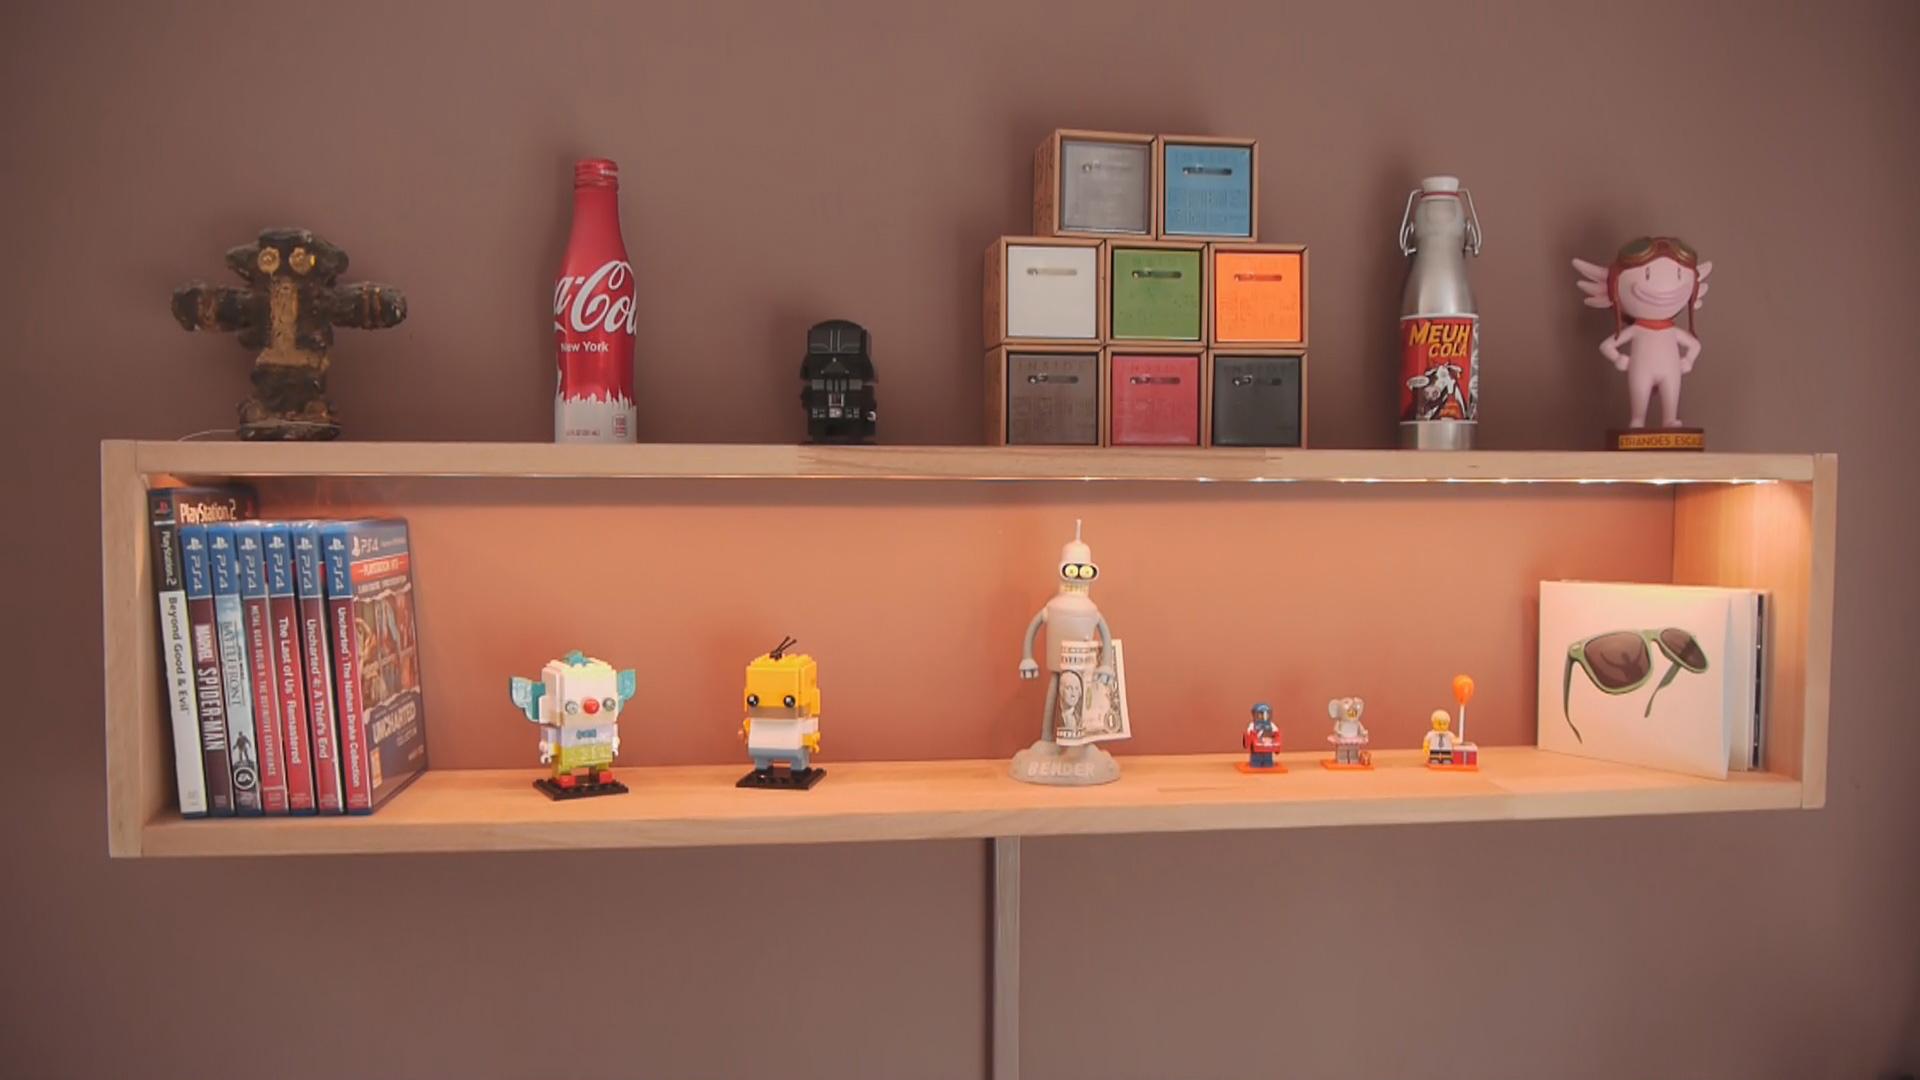 Fabrication d'une étagère murale avec fixations invisibles !